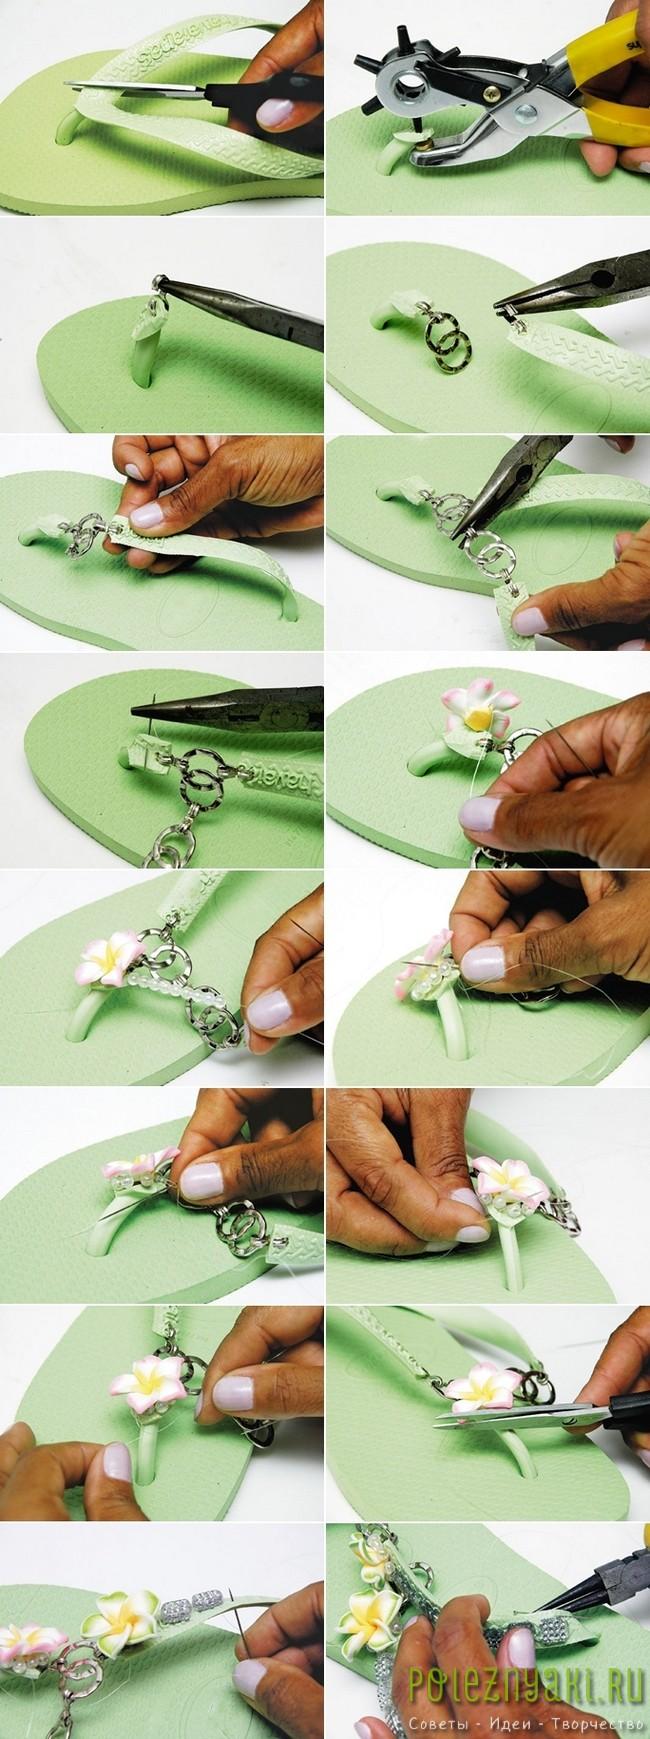 Идея украшения зеленых резиновых шлепанцев цветами 2